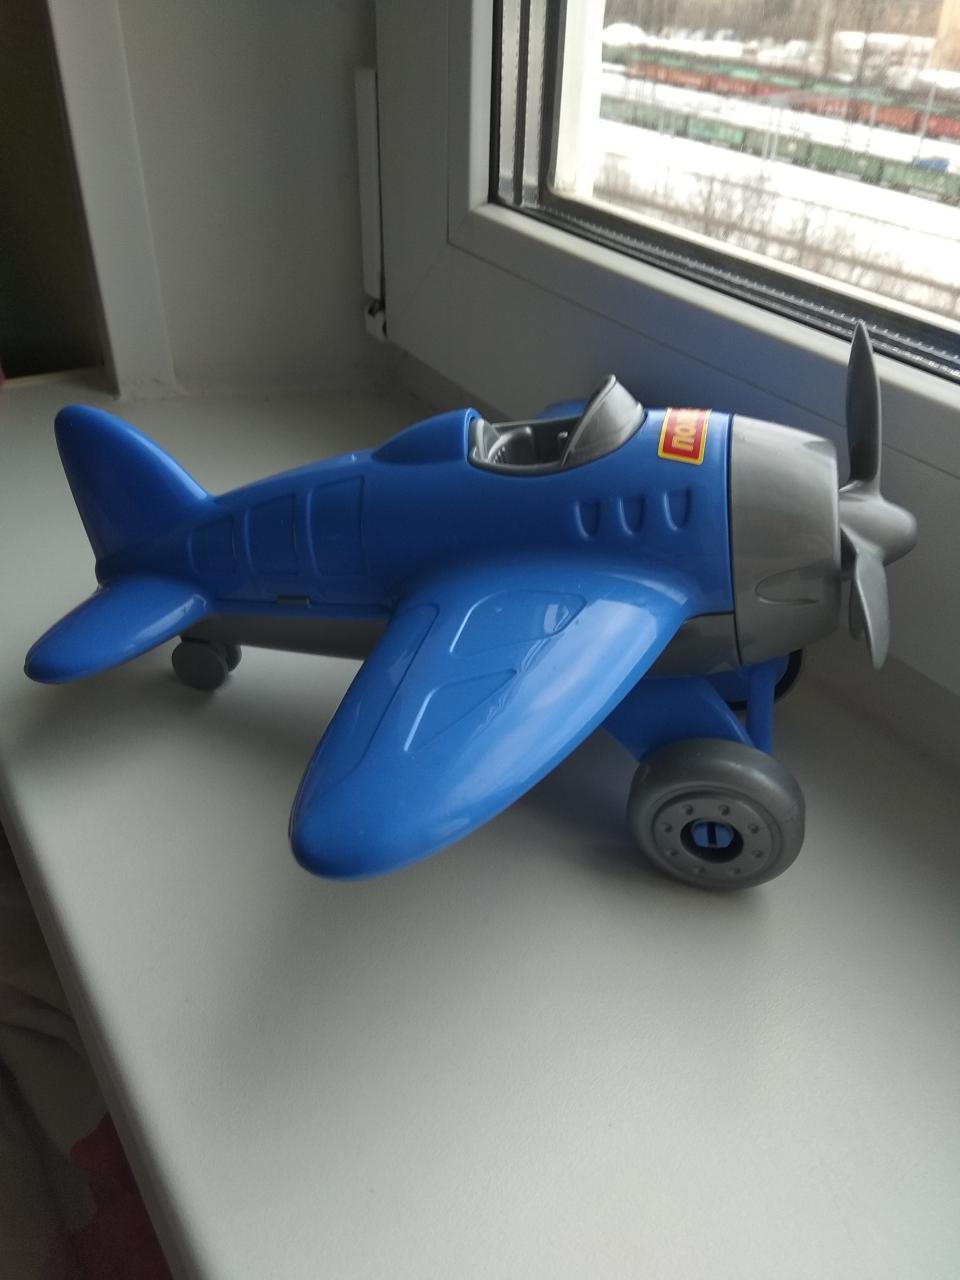 Отзыв на товар: Самолёт «Омега». Полесье. Вид 1 от 1614781887